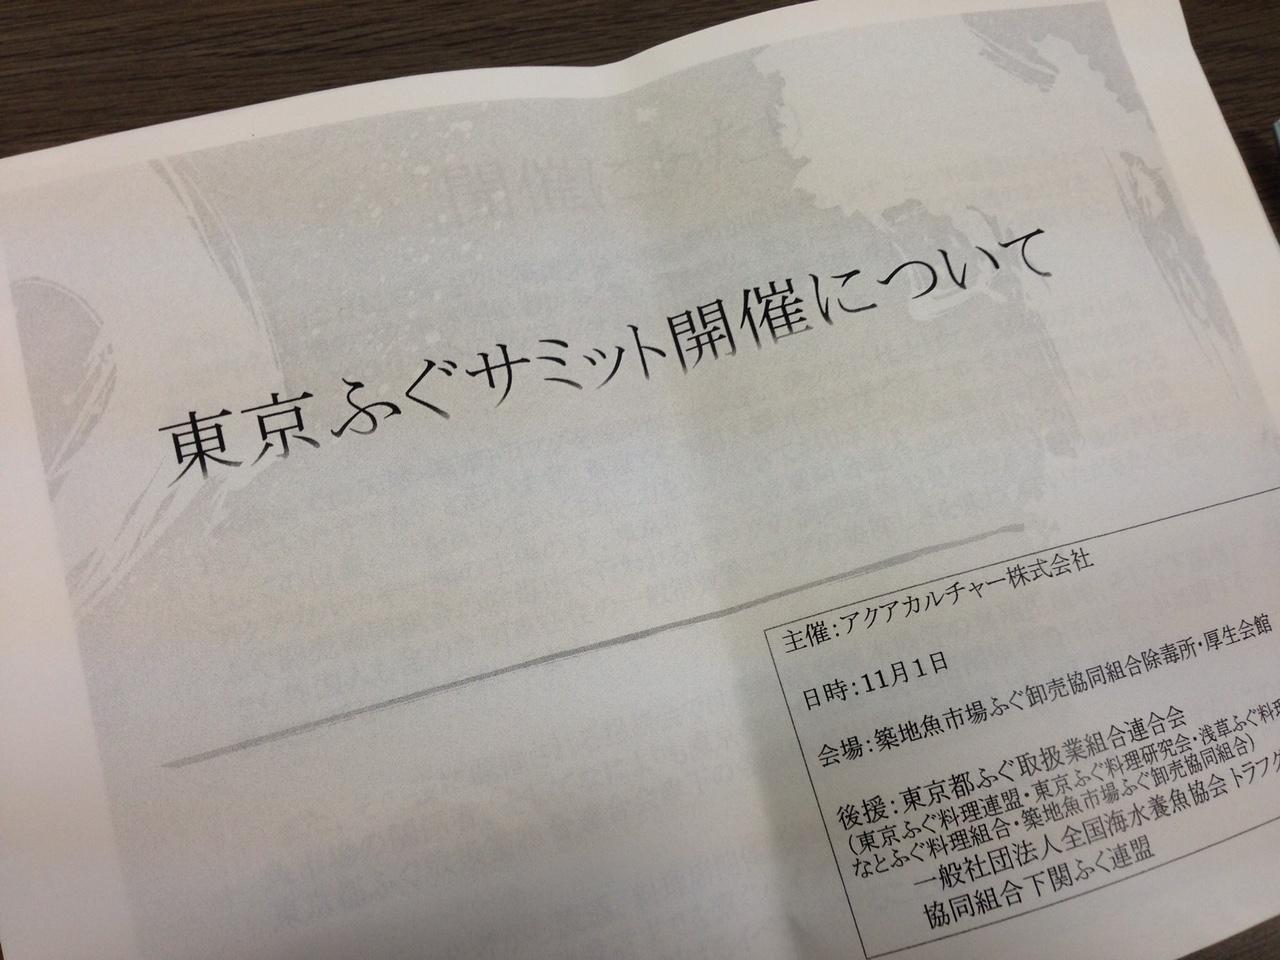 東京ふぐサミットのメイン画像